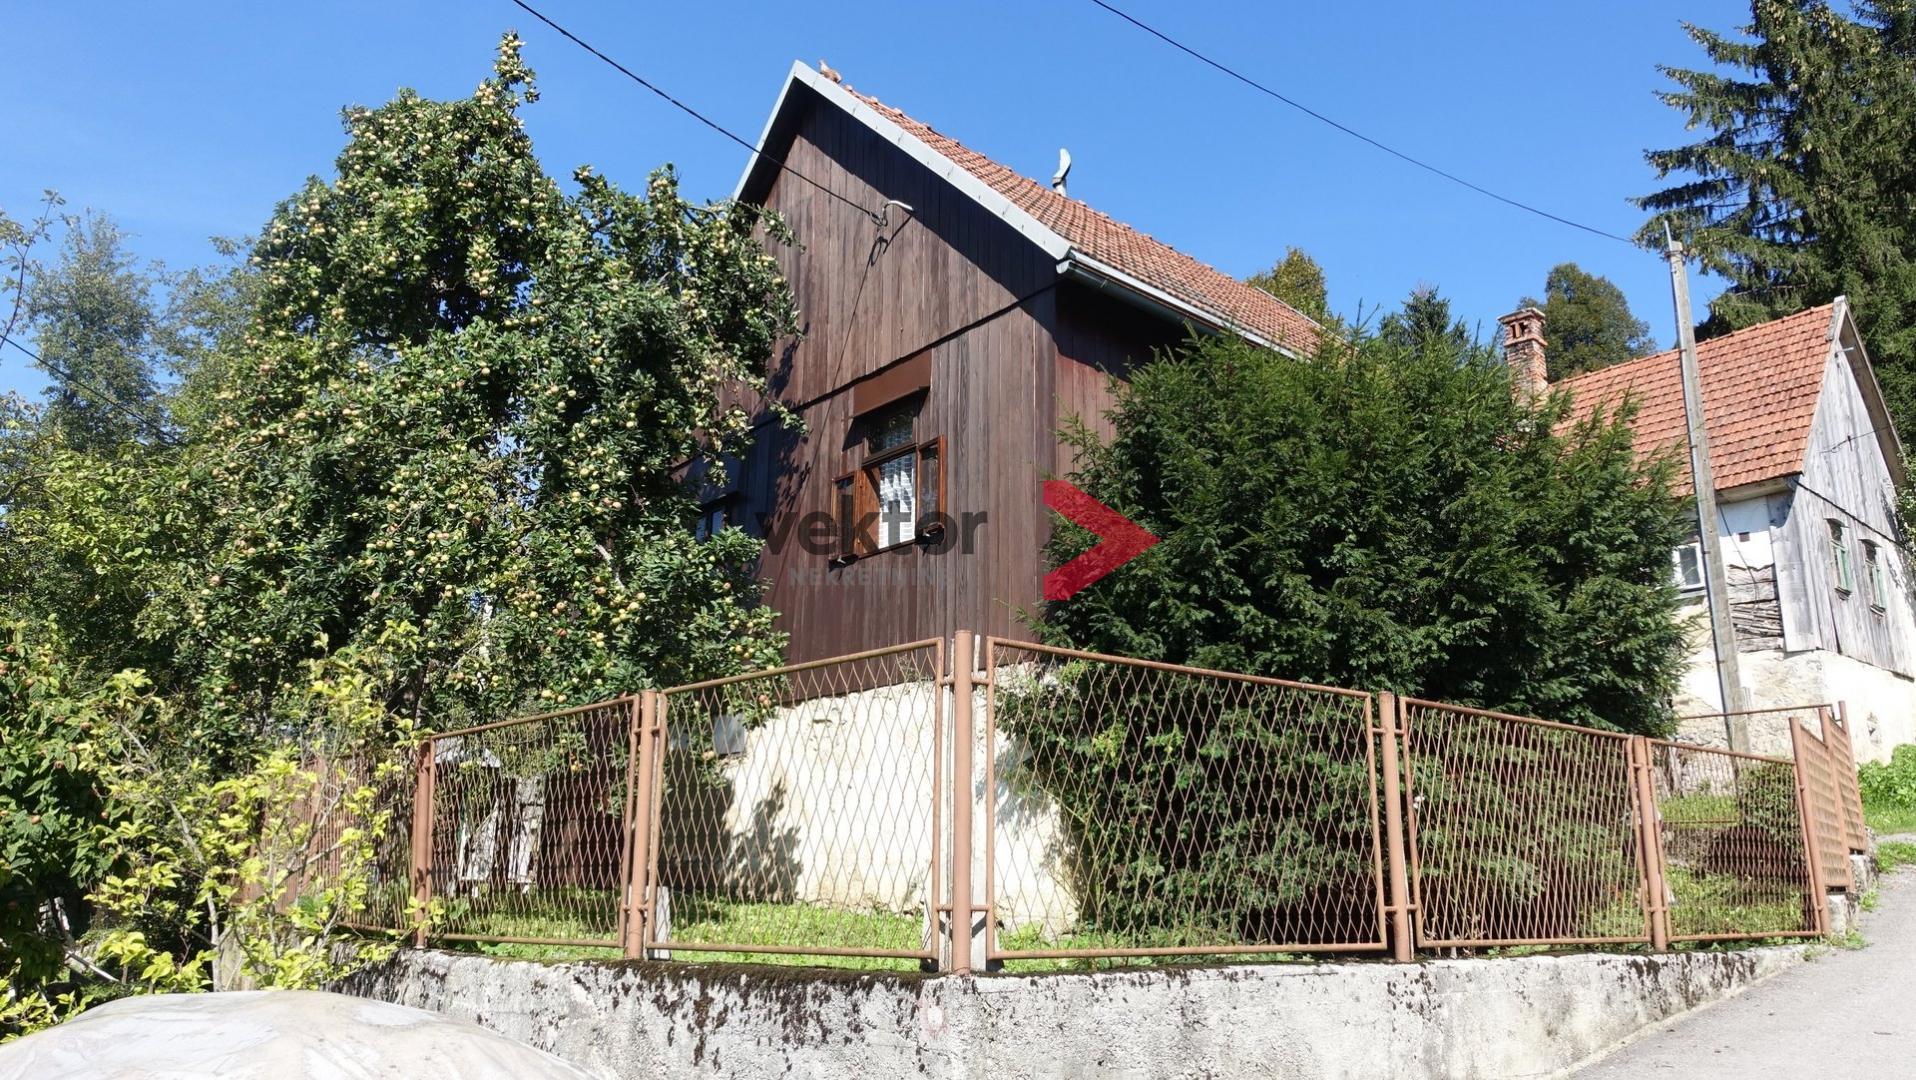 Kuća, Brod na Kupi, 70m2, velika okućnica